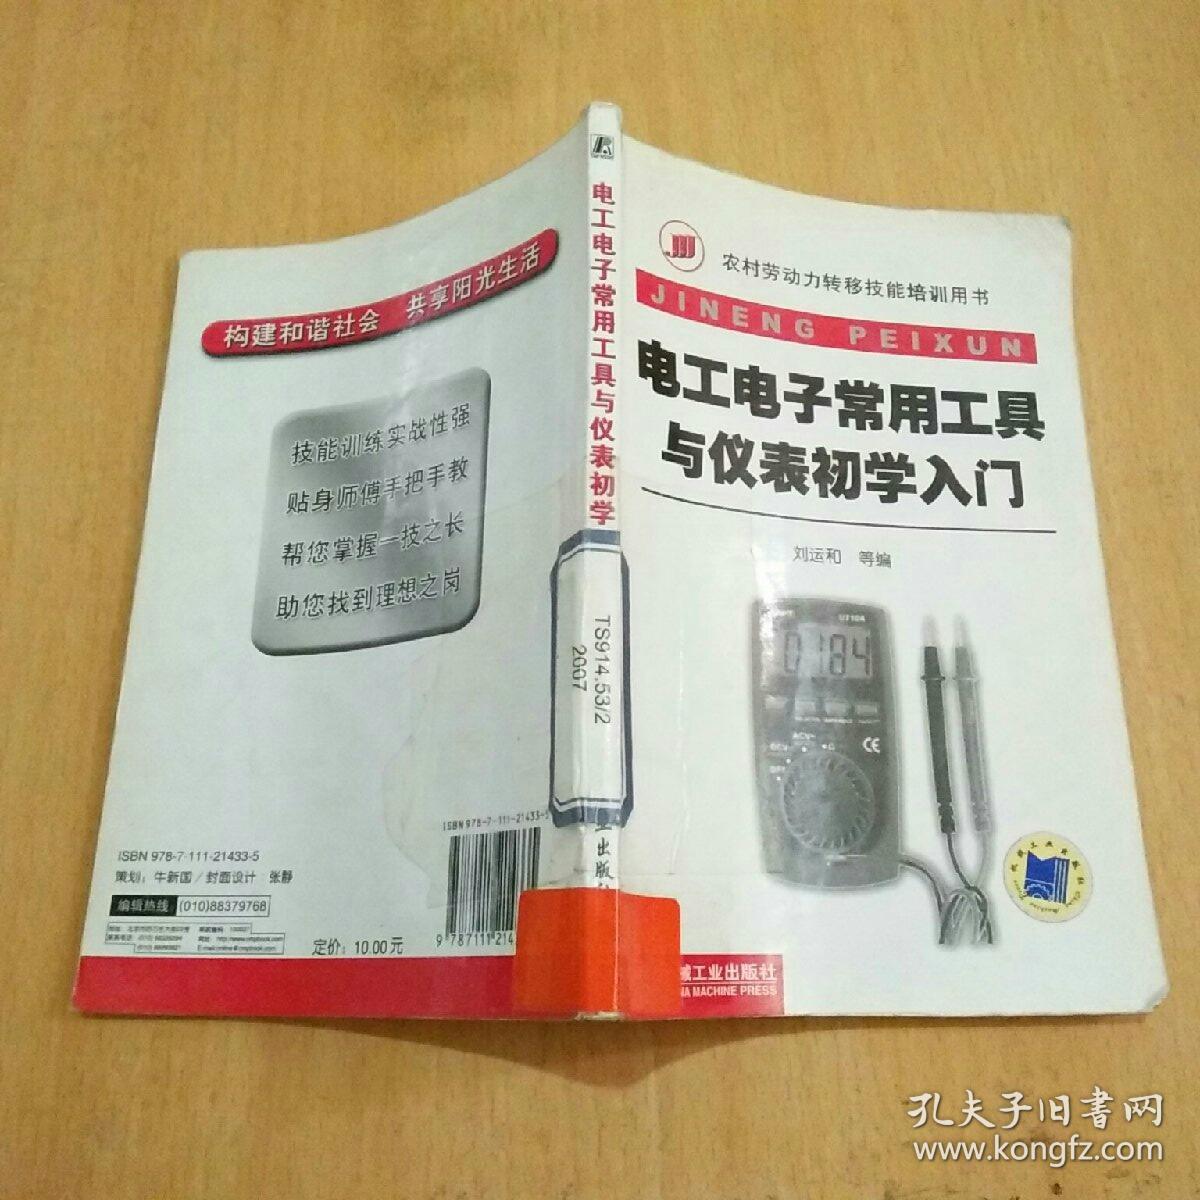 农村劳动力转移技能培训用书:电工电子常用工具与仪表初学入门